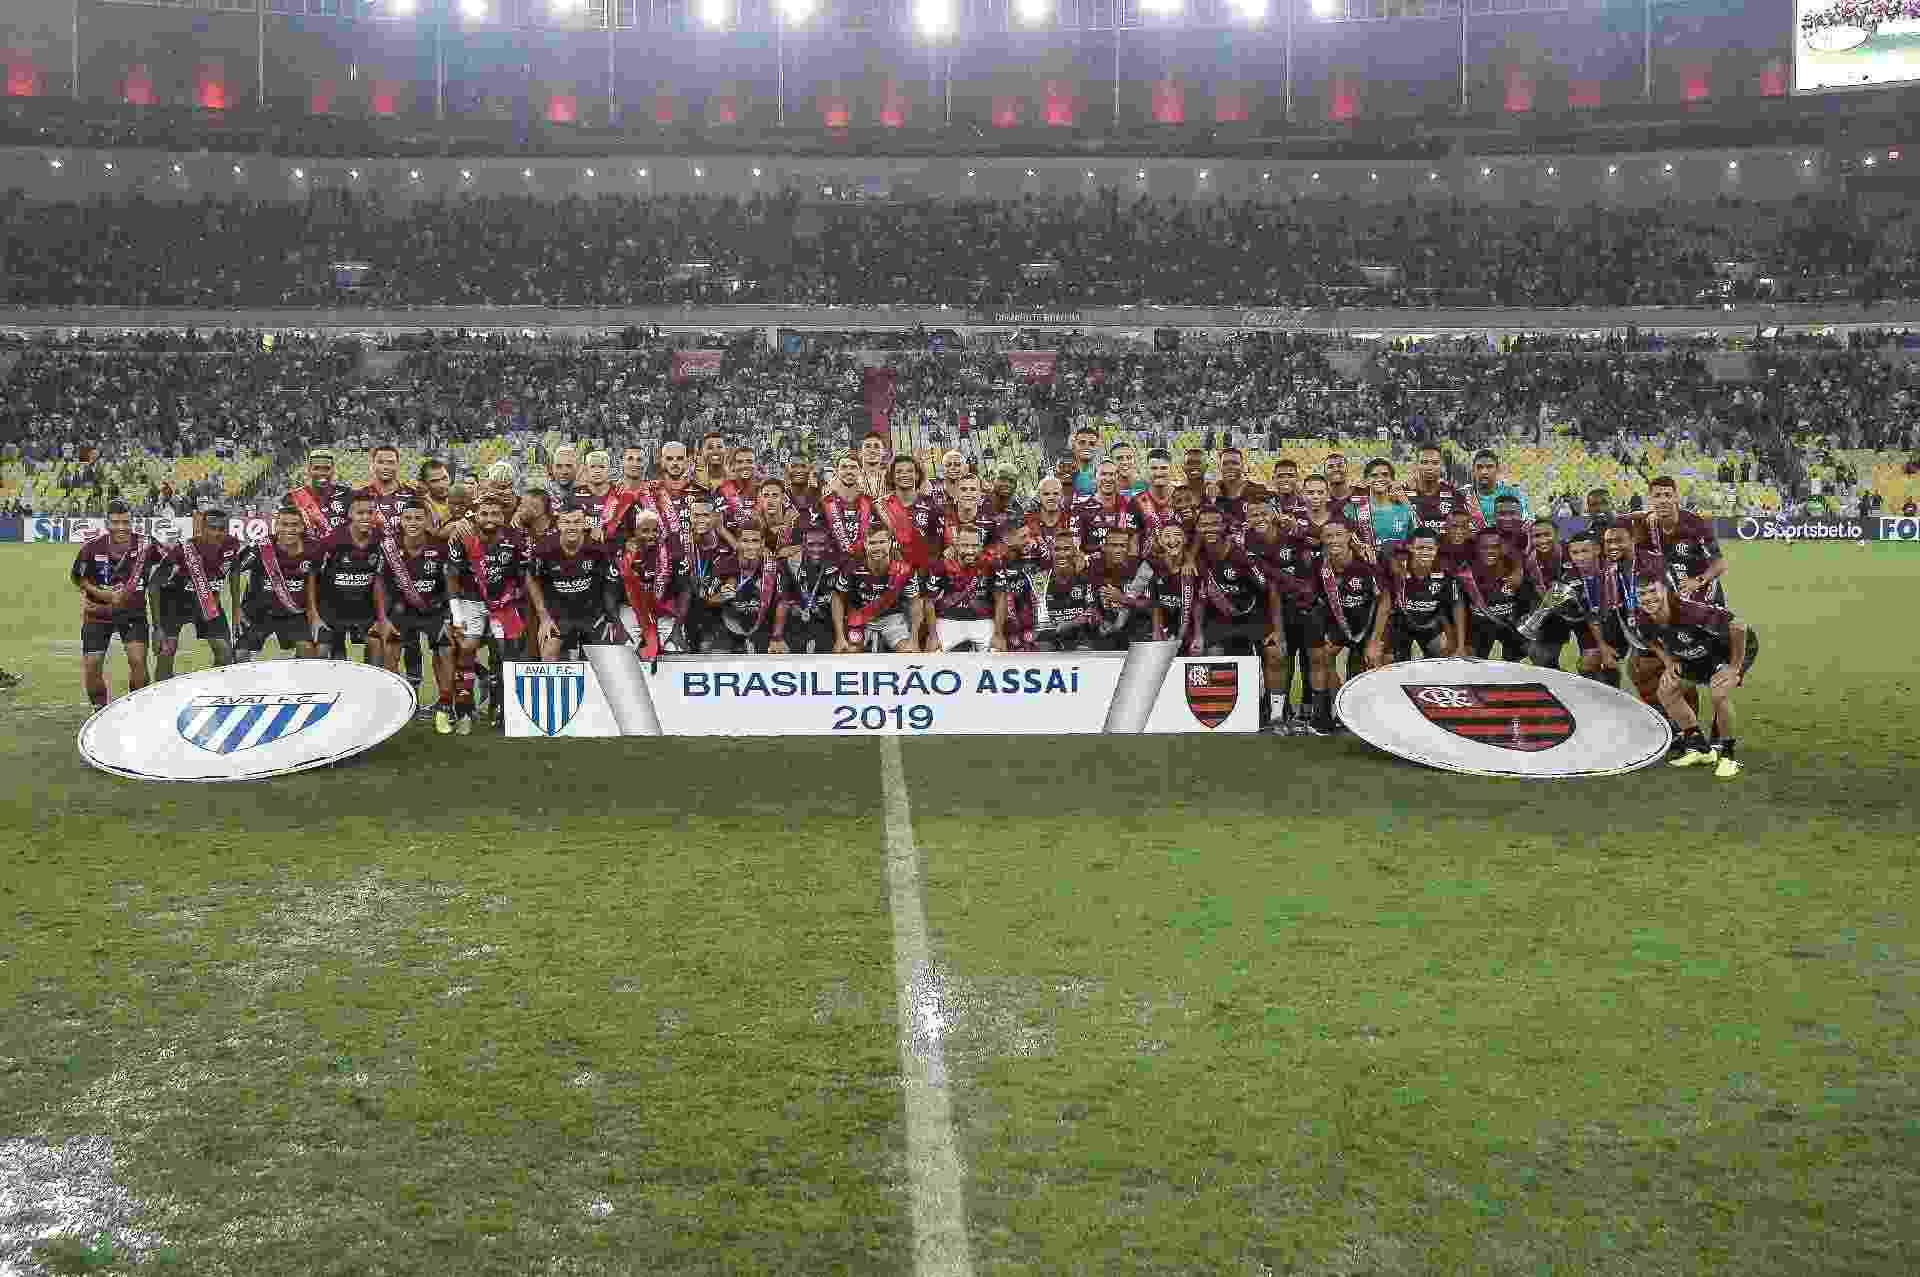 Jogadores do Flamengo posam para a foto de campeão brasileiro de 2019 - Alexandre Vidal, Marcelo Cortes e Paula Reis / Flamengo